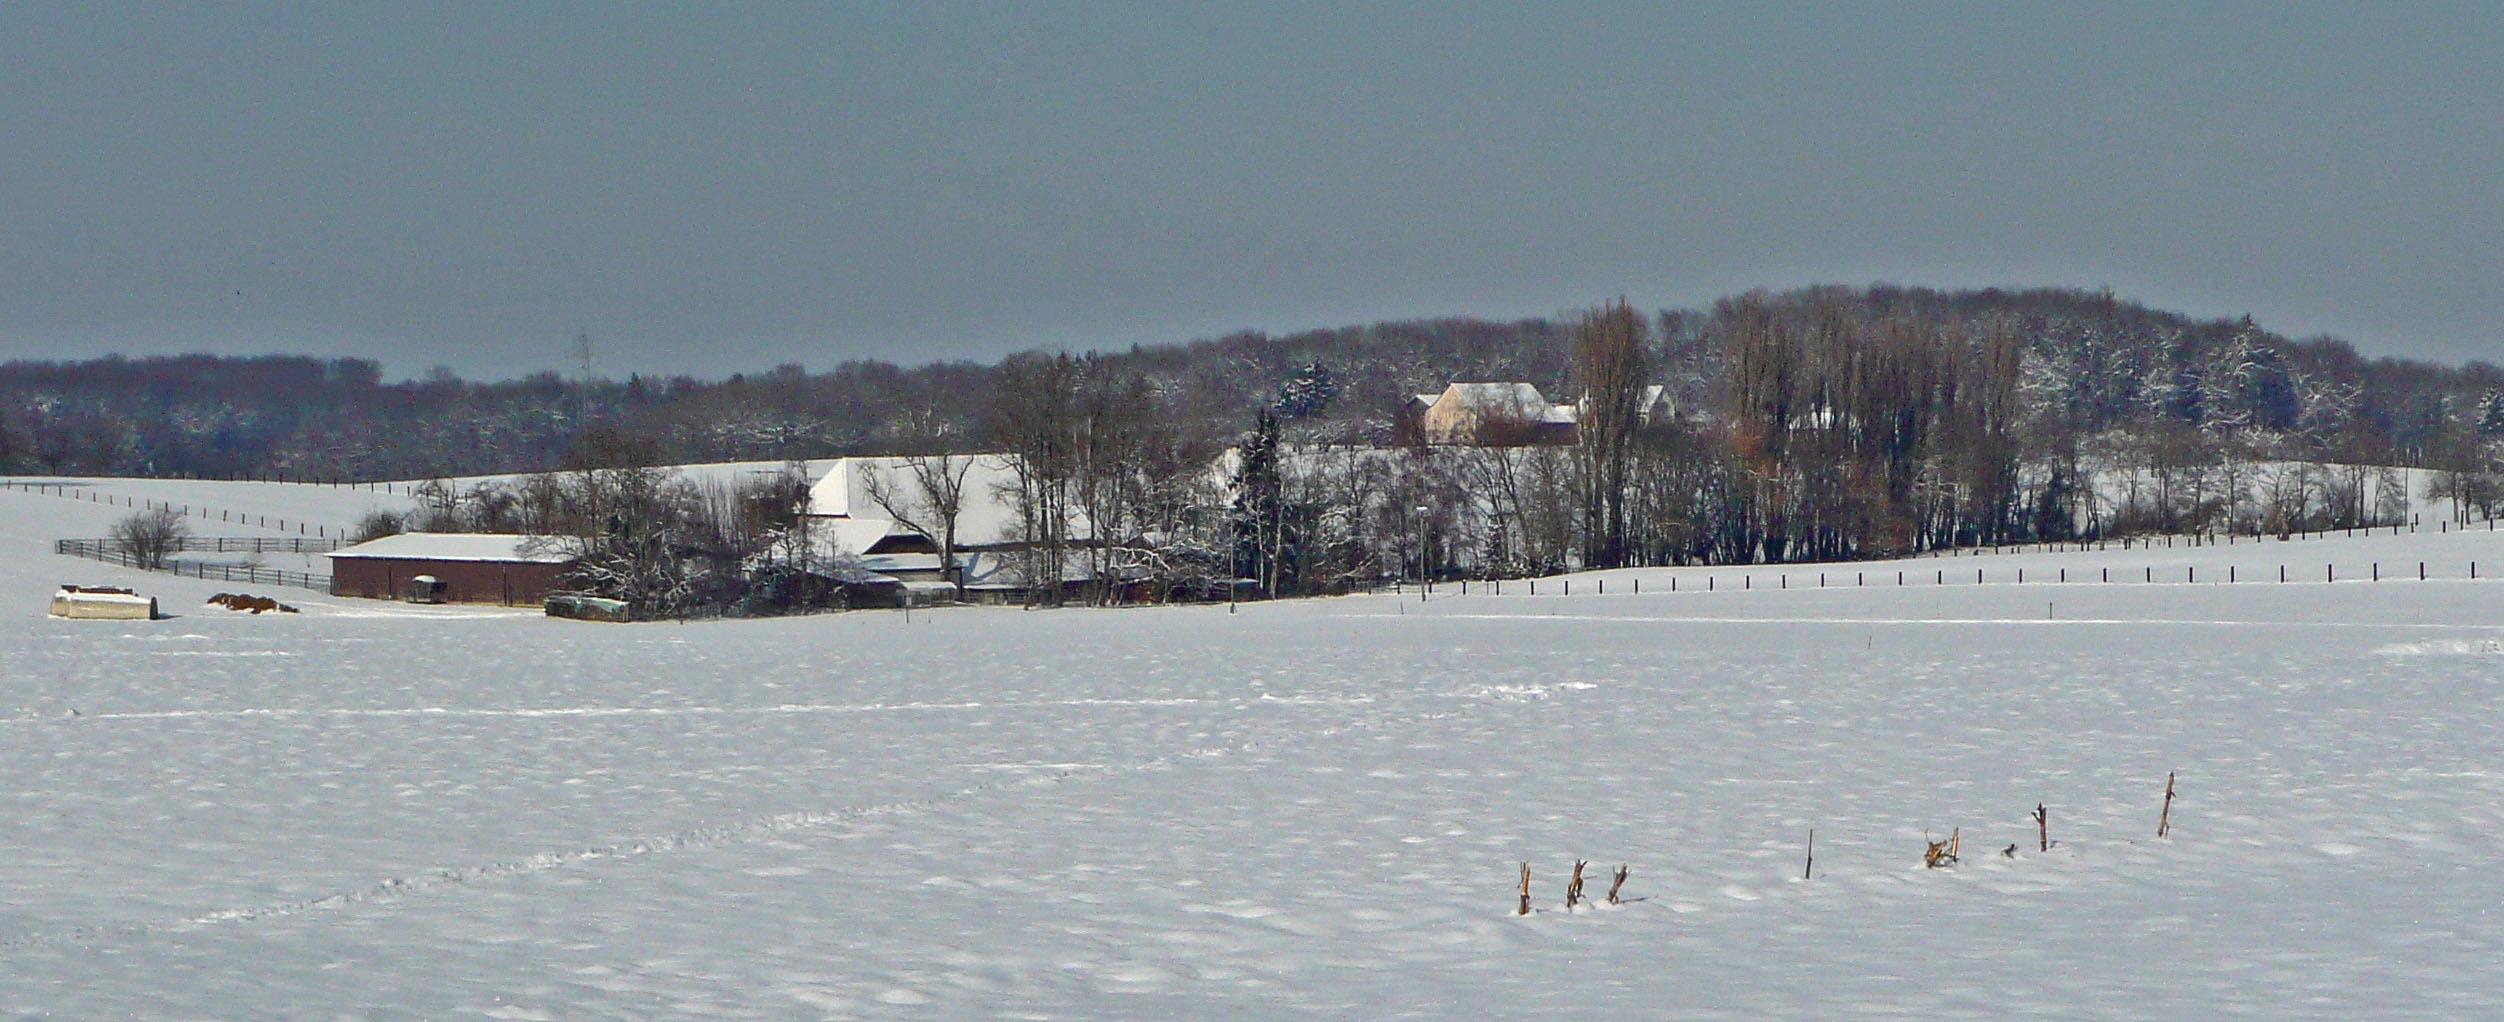 Nach Frühlingstagen hat es heute wieder geschneit.